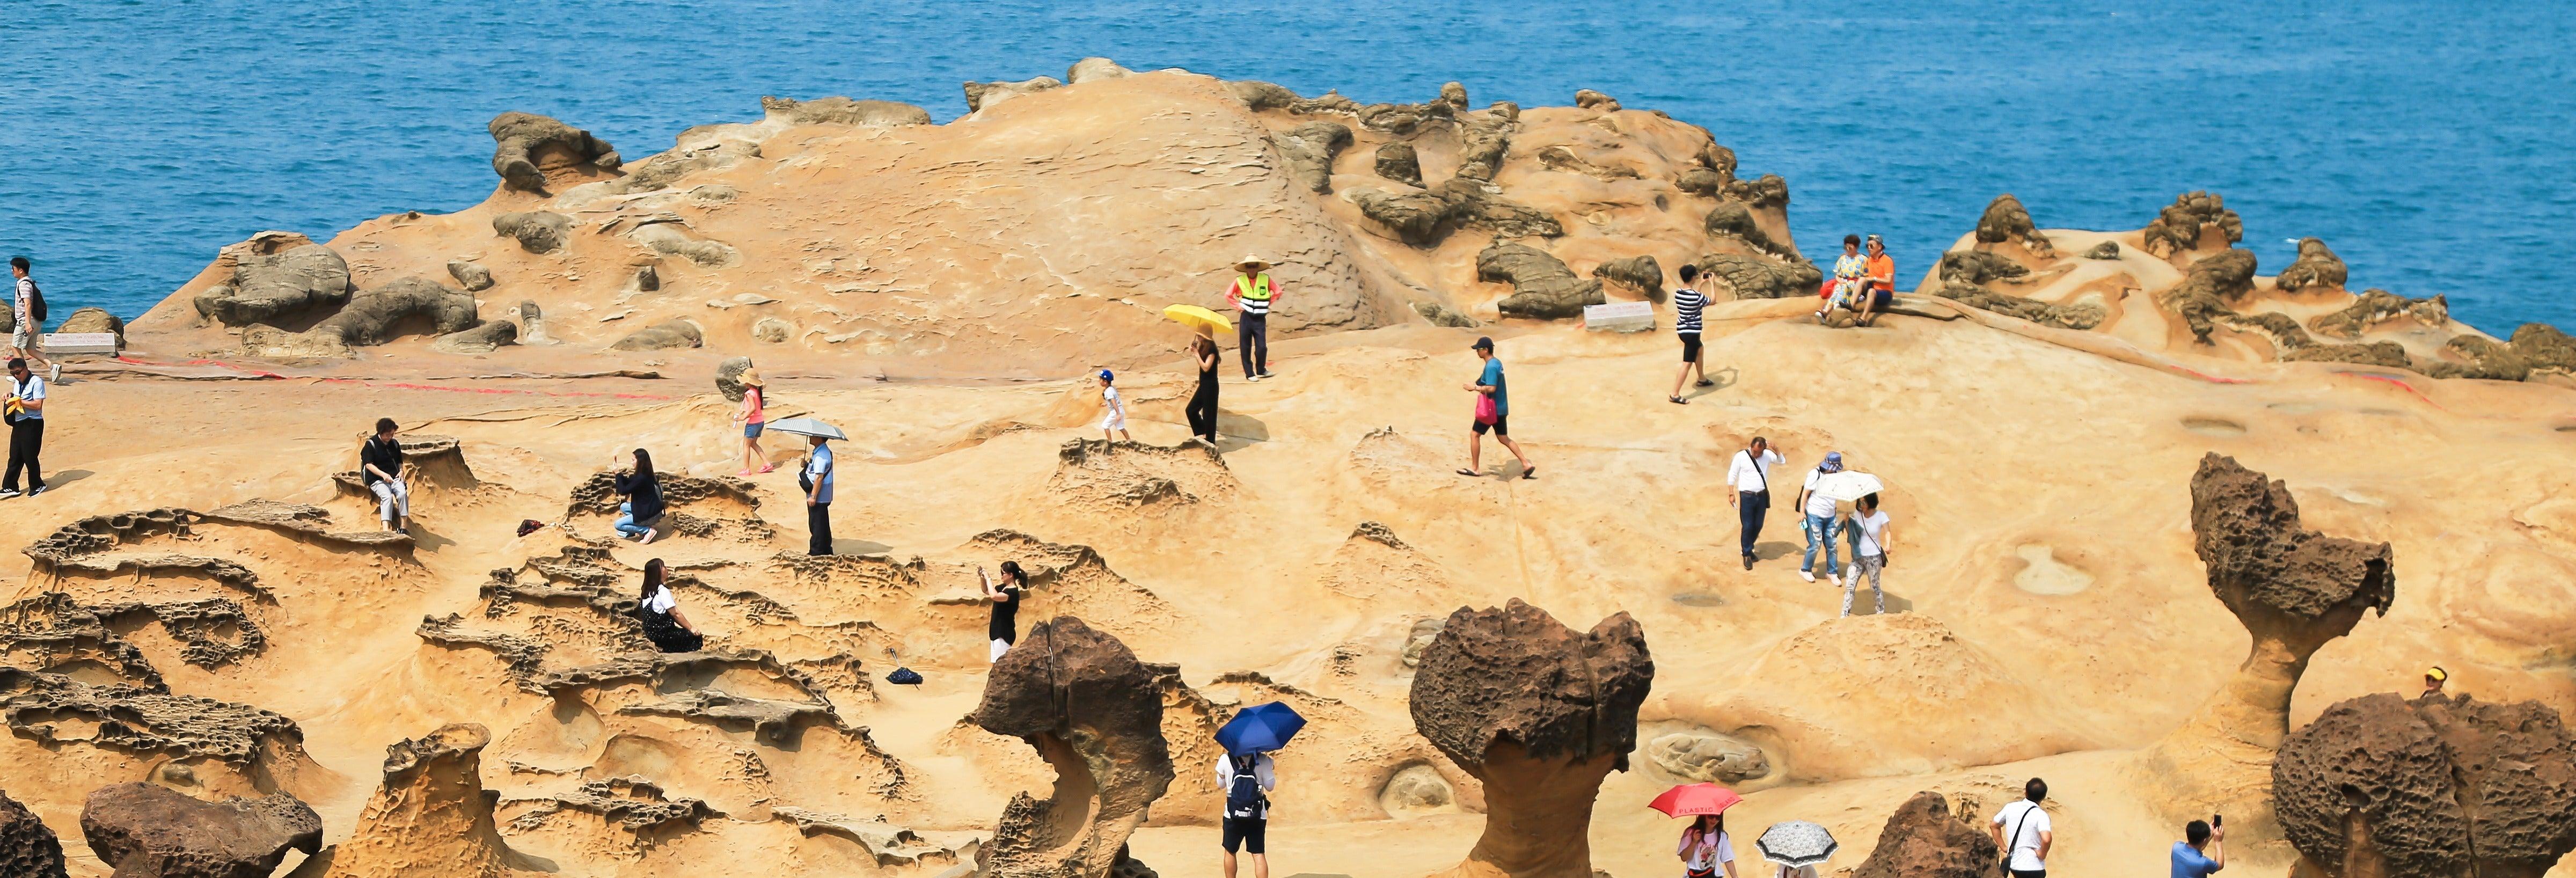 Excursion sur la côte nord de Taïwan